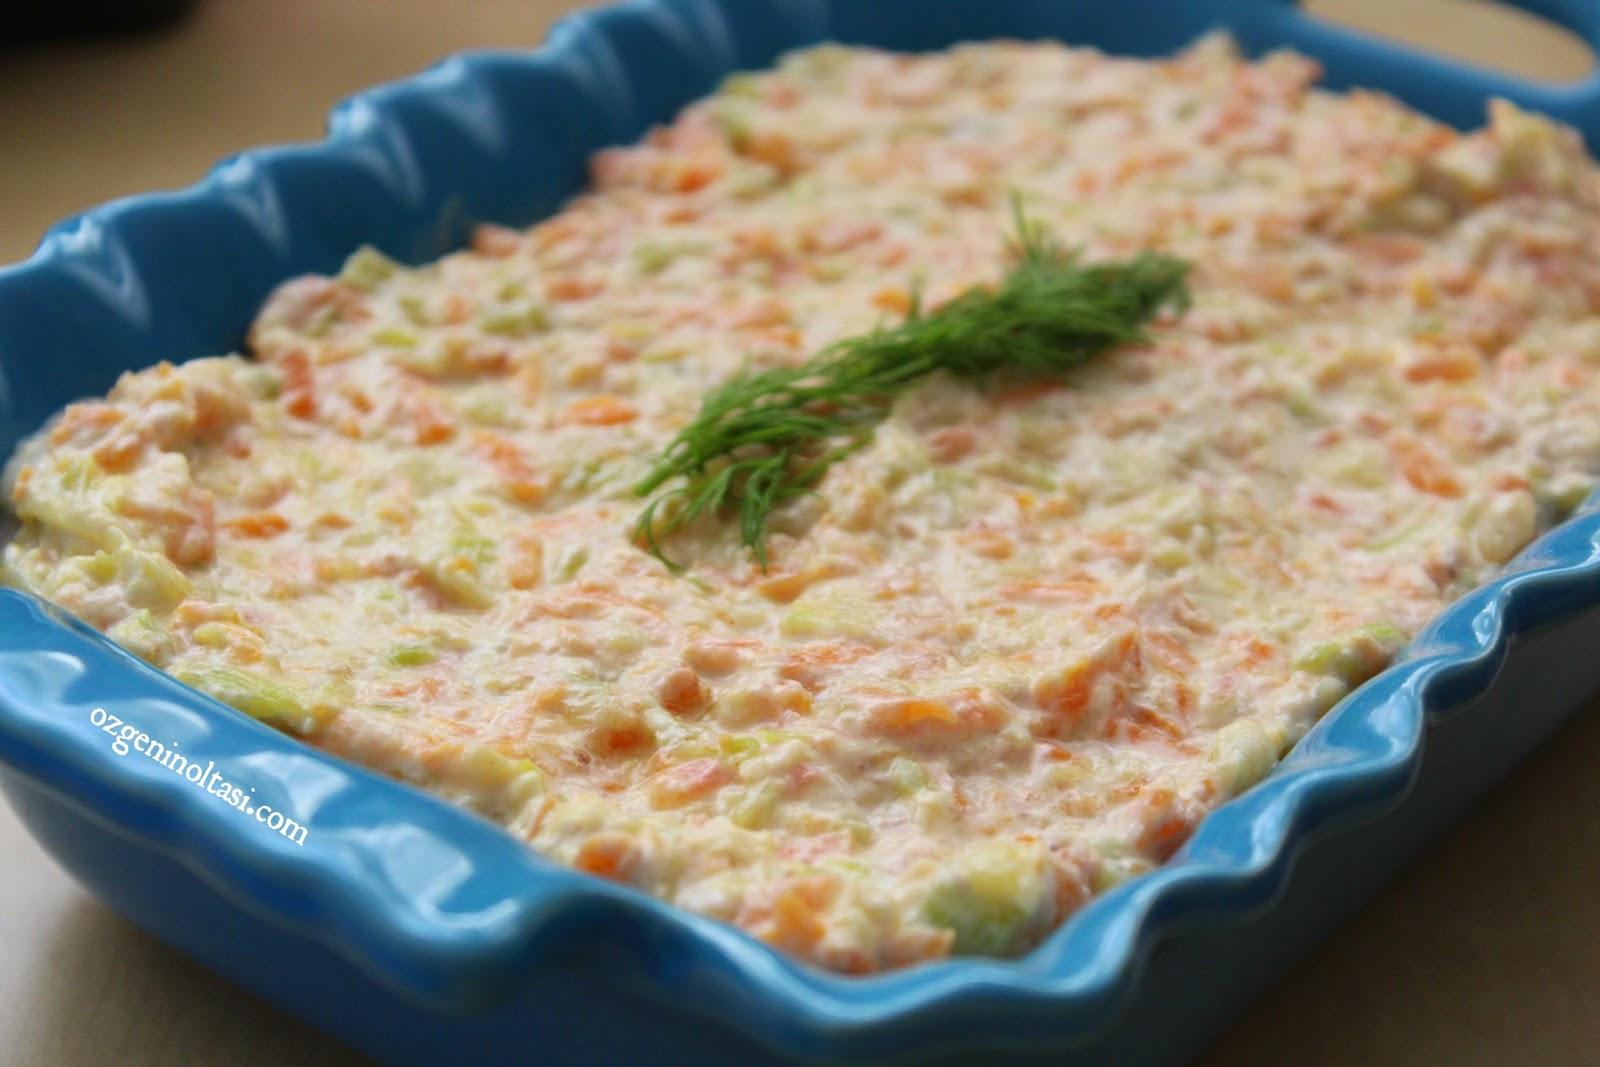 Yoğurtlu mayonezli havuç salatası ile Etiketlenen Konular 23